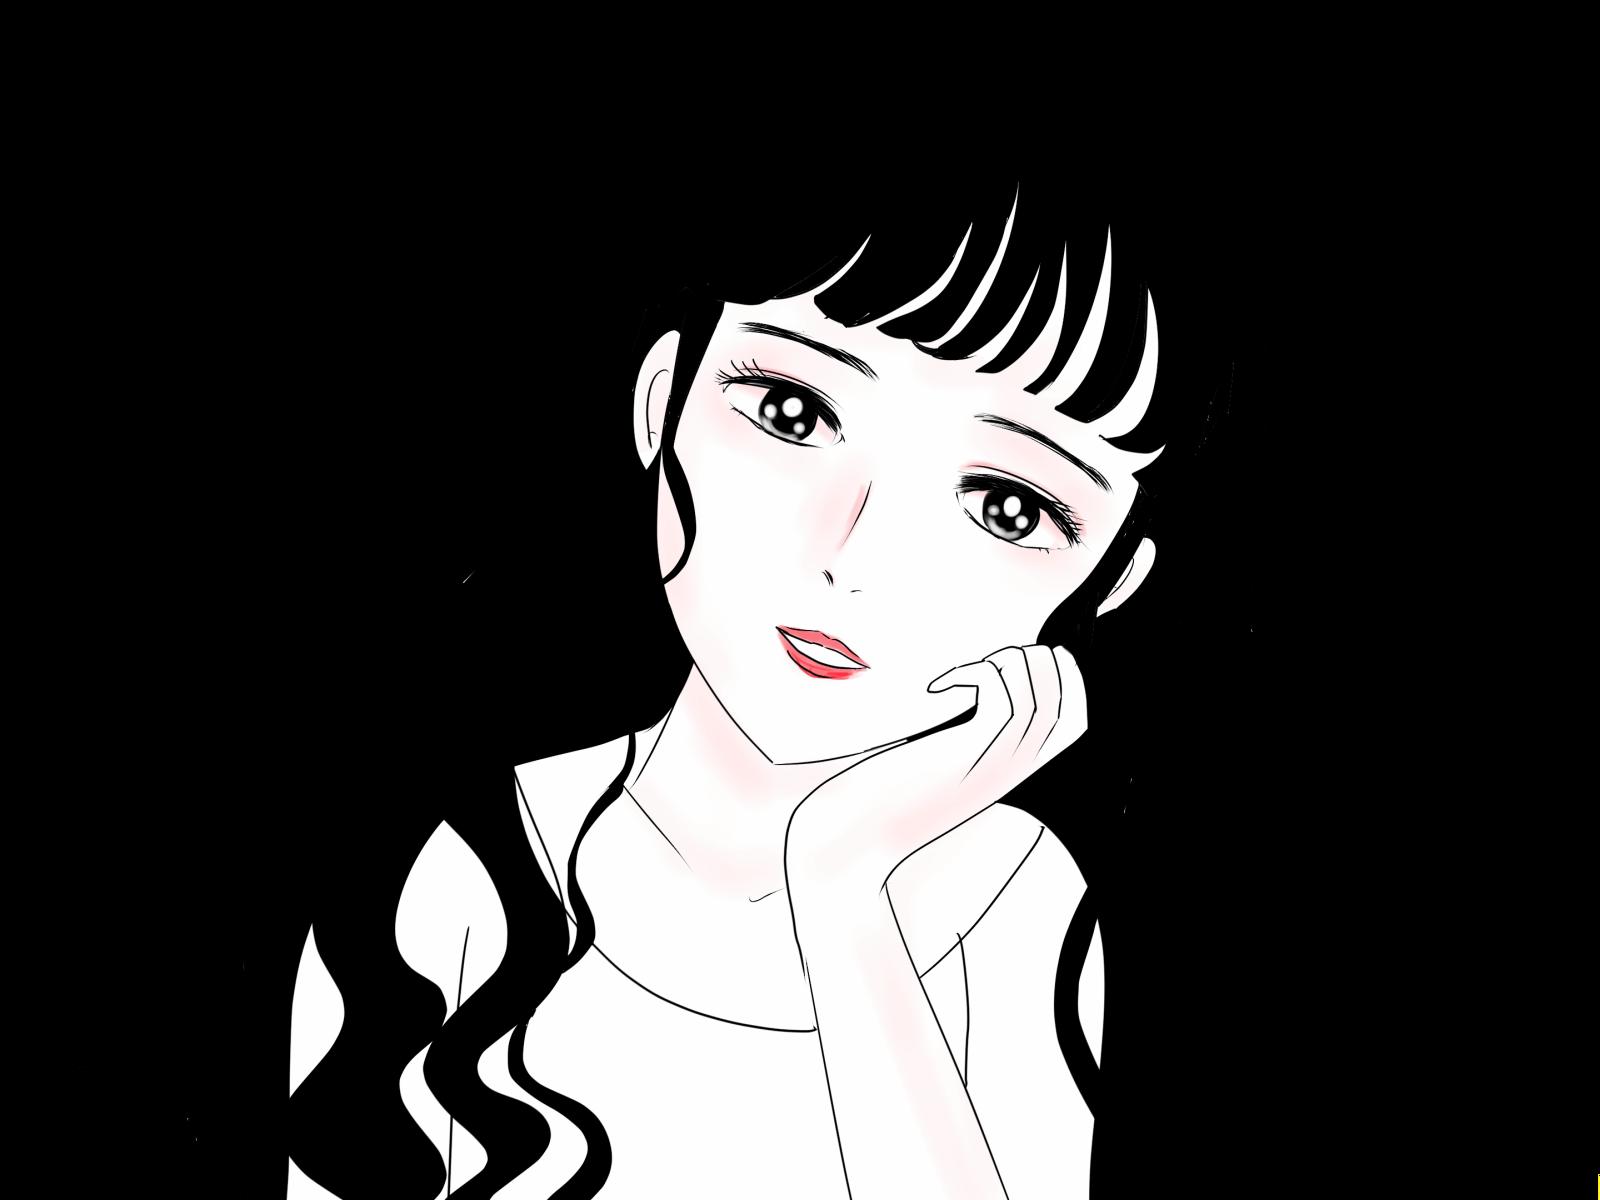 髪の毛ちゃん